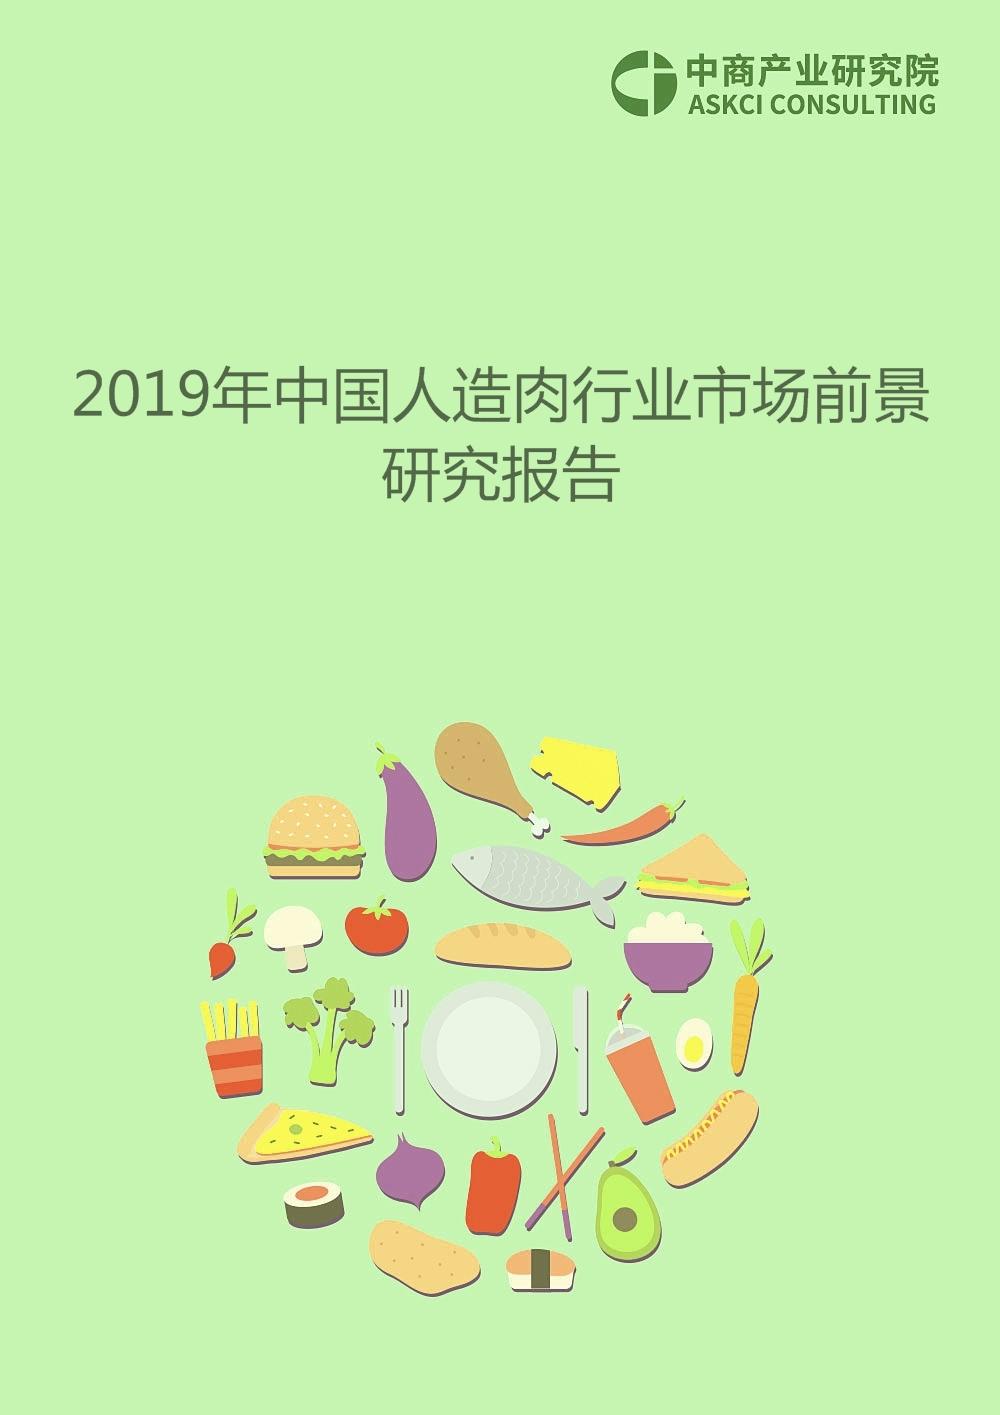 2019年中国人造肉行业市场前景研究报告